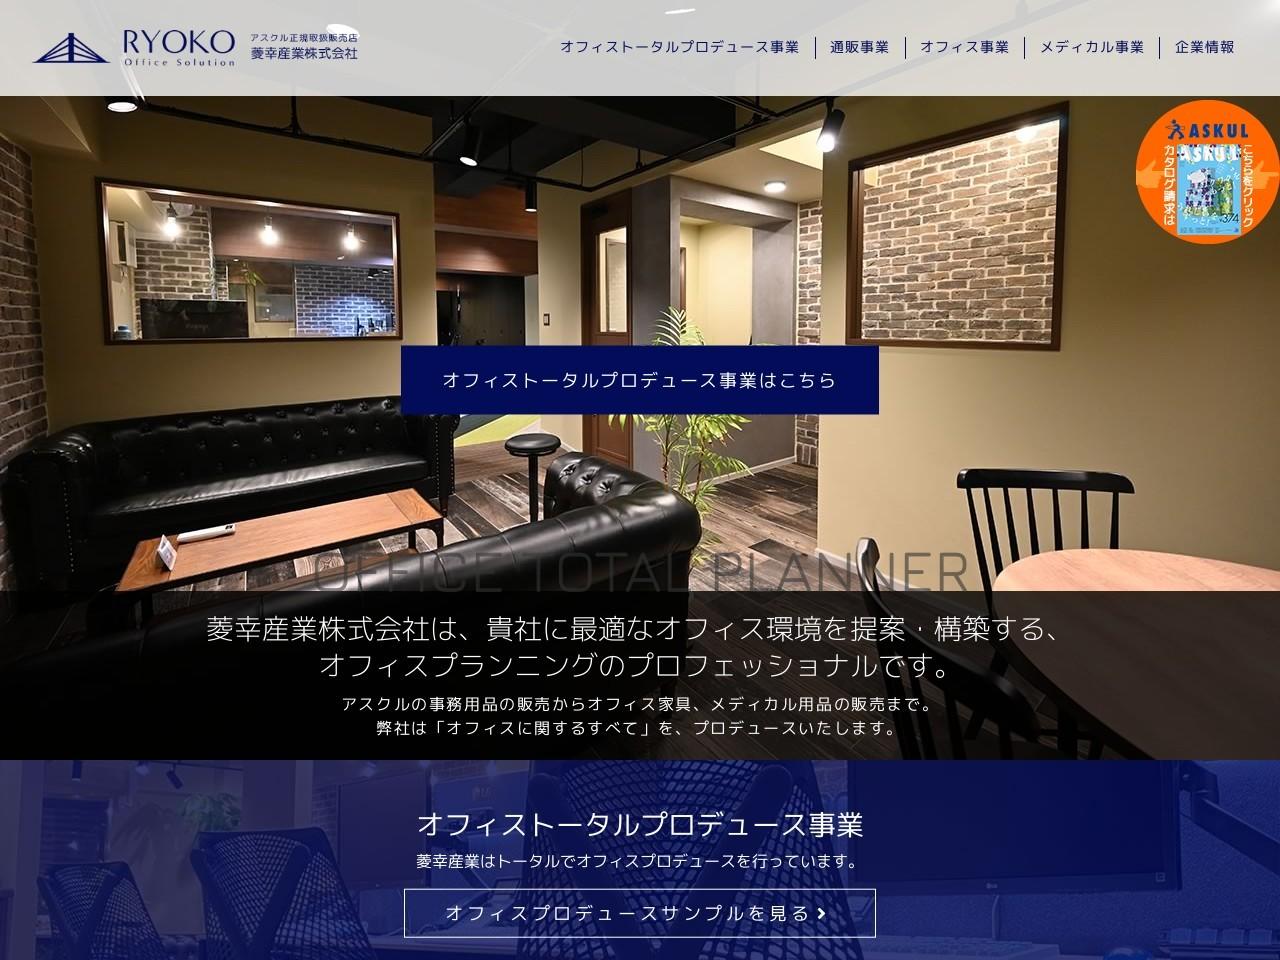 ASKUL・アスクル無料カタログ担当・菱幸産業株式会社